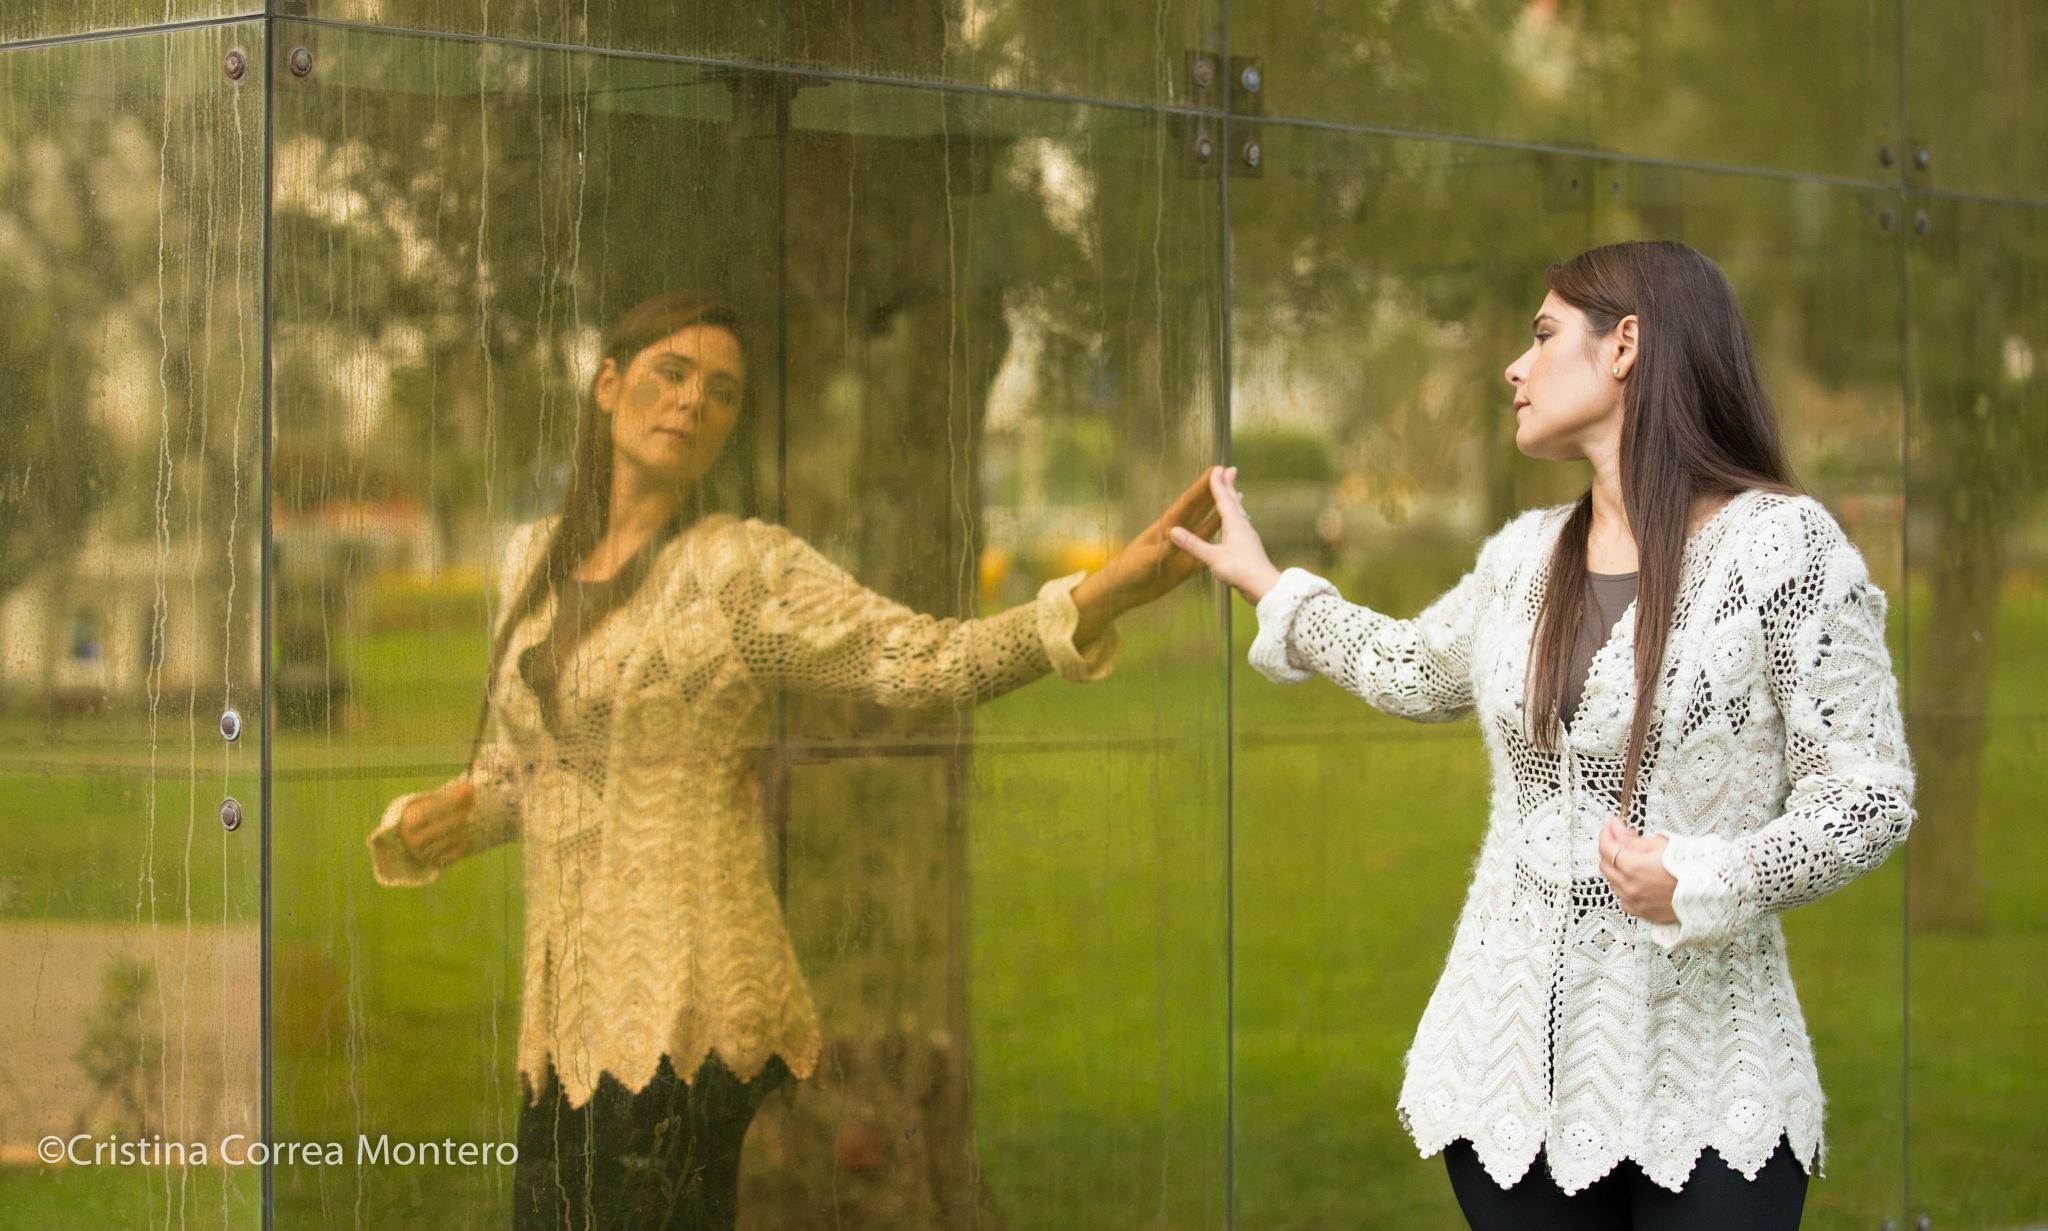 Untitled by Cristina Correa Montero de Ubrig